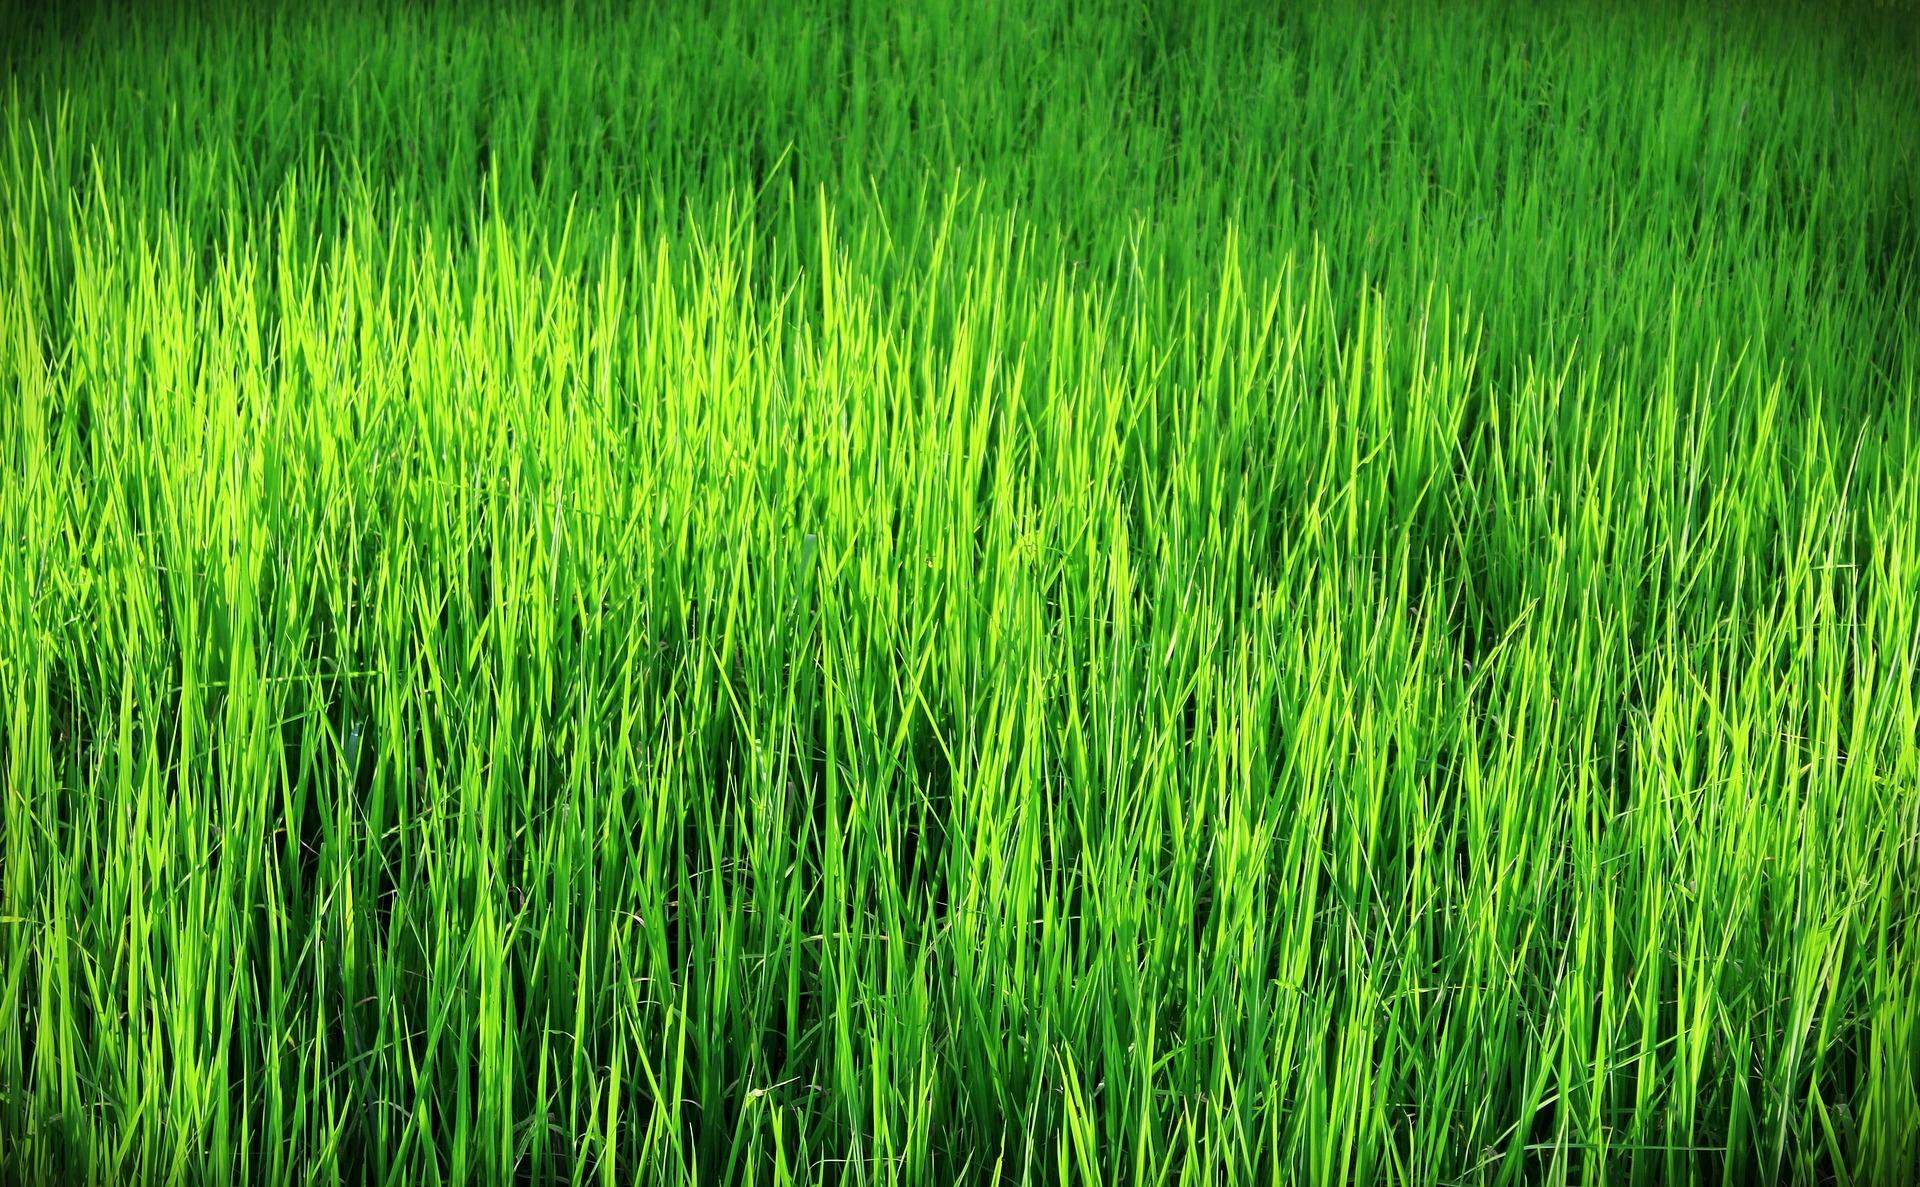 GREEN ECONOMY E NOLEGGIO OPERATIVO DOMORENTAL: IL CAMBIAMENTO PER RIPARTIRE